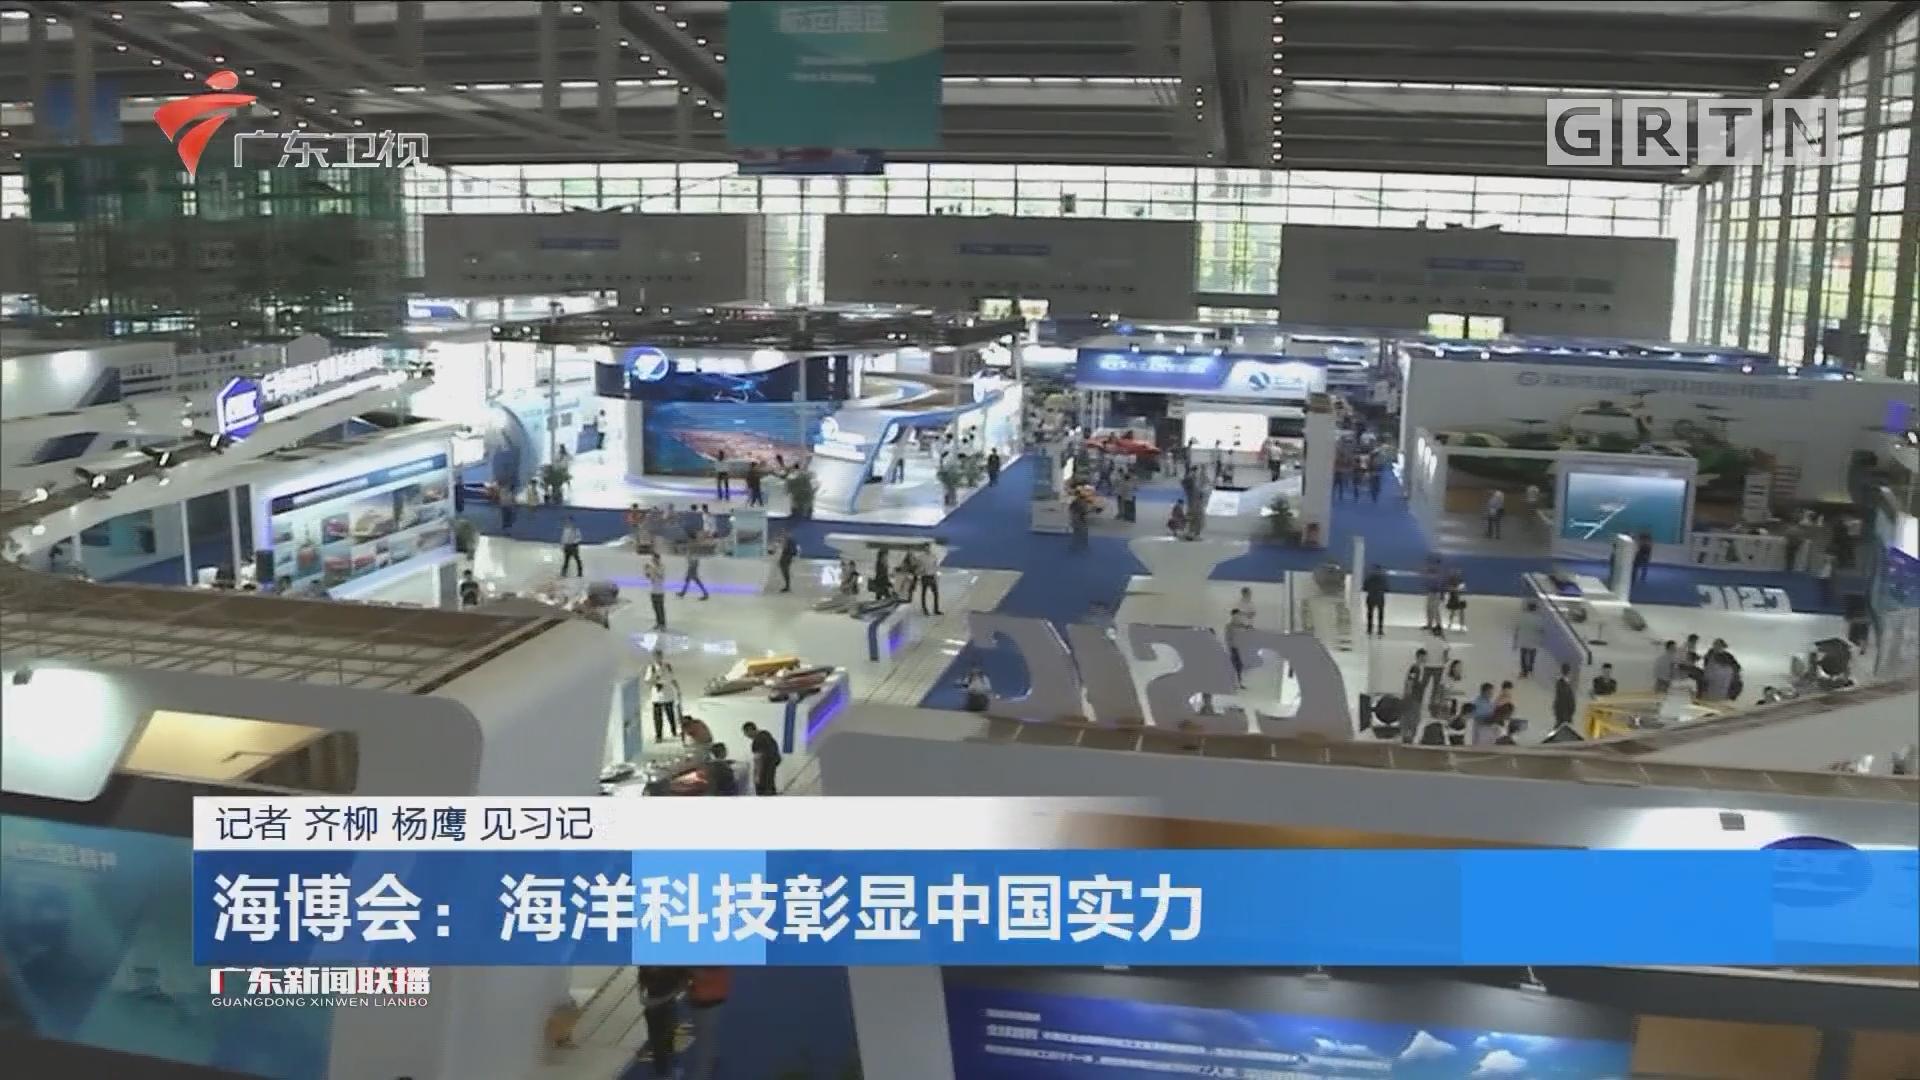 海博会:海洋科技彰显中国实力